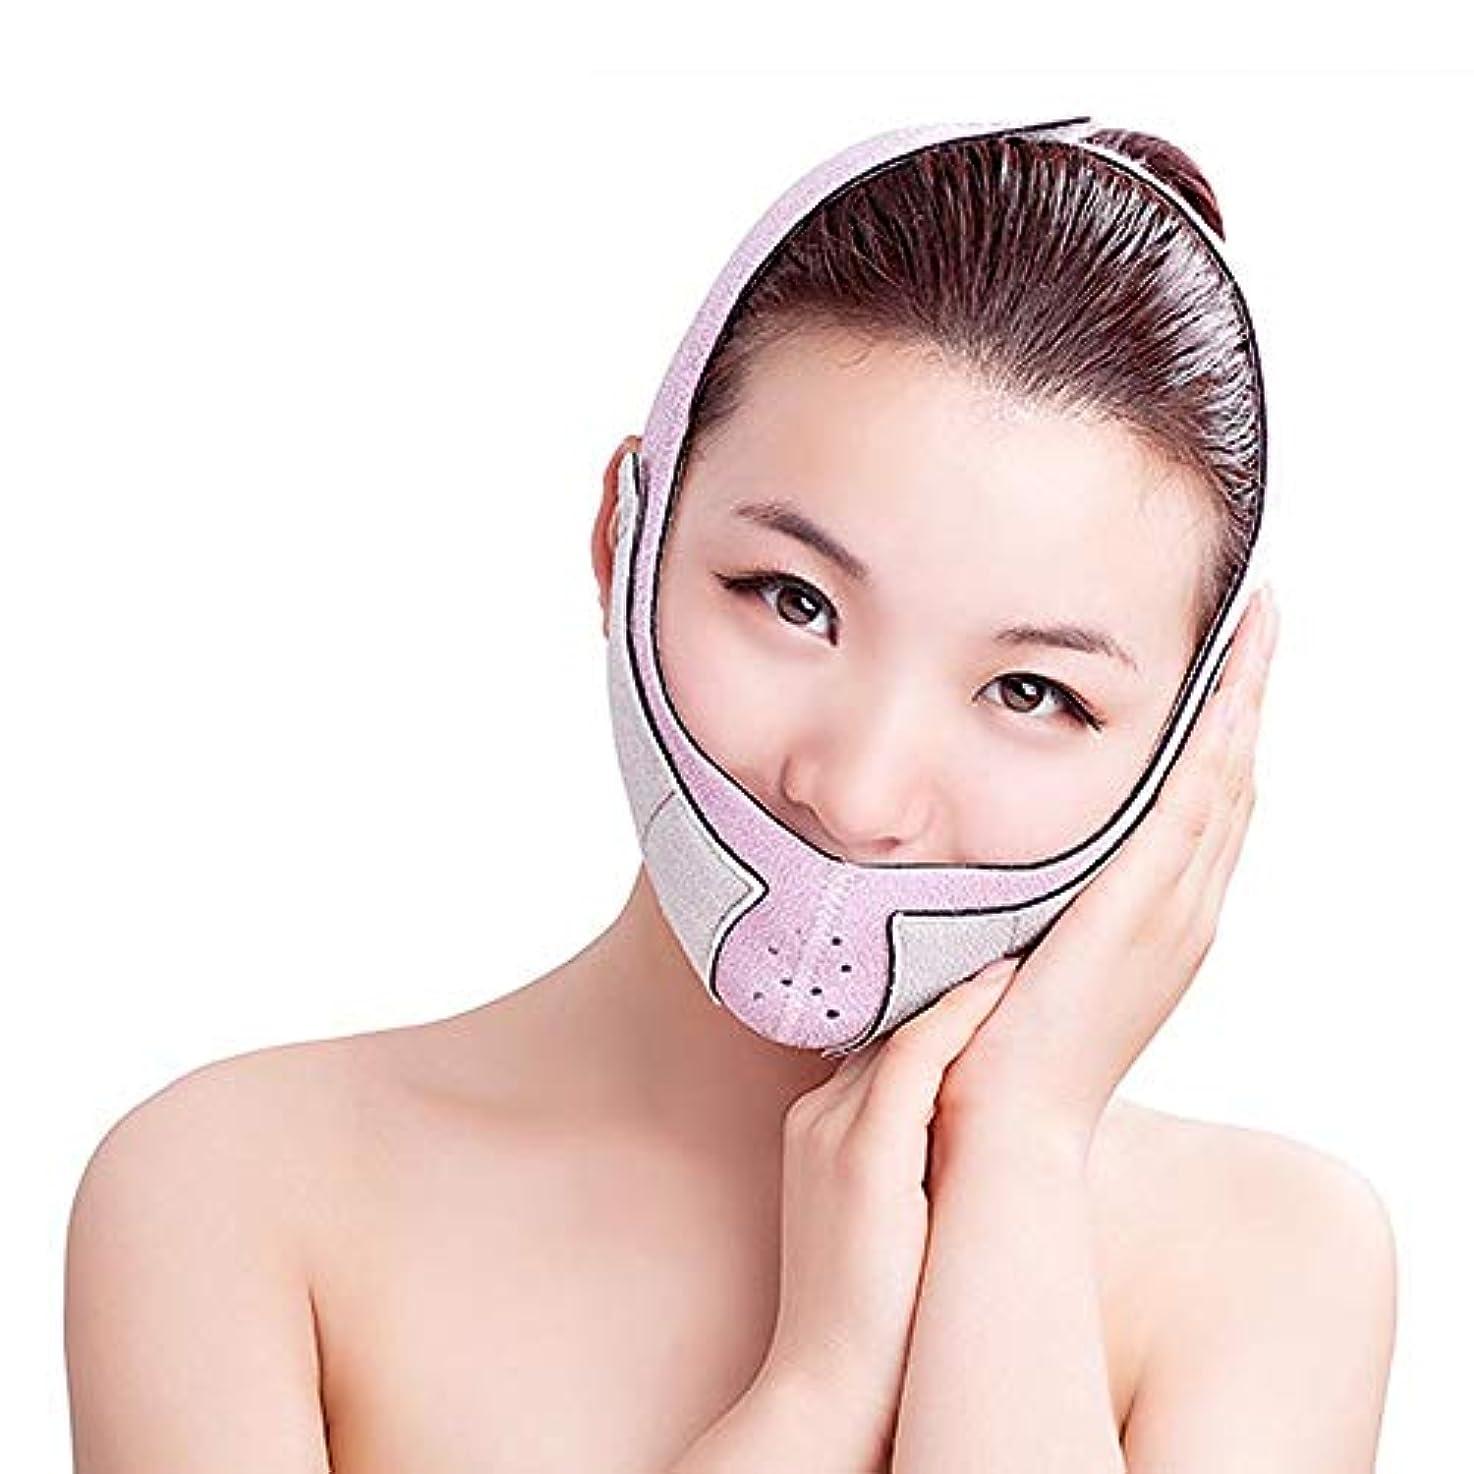 証明する腹部ショットフェイスリフトベルト 薄い顔のベルト - 薄い顔のベルト通気性の補正3D薄い顔のV顔のベルトの包帯薄い顔のアーティファクト (色 : B)